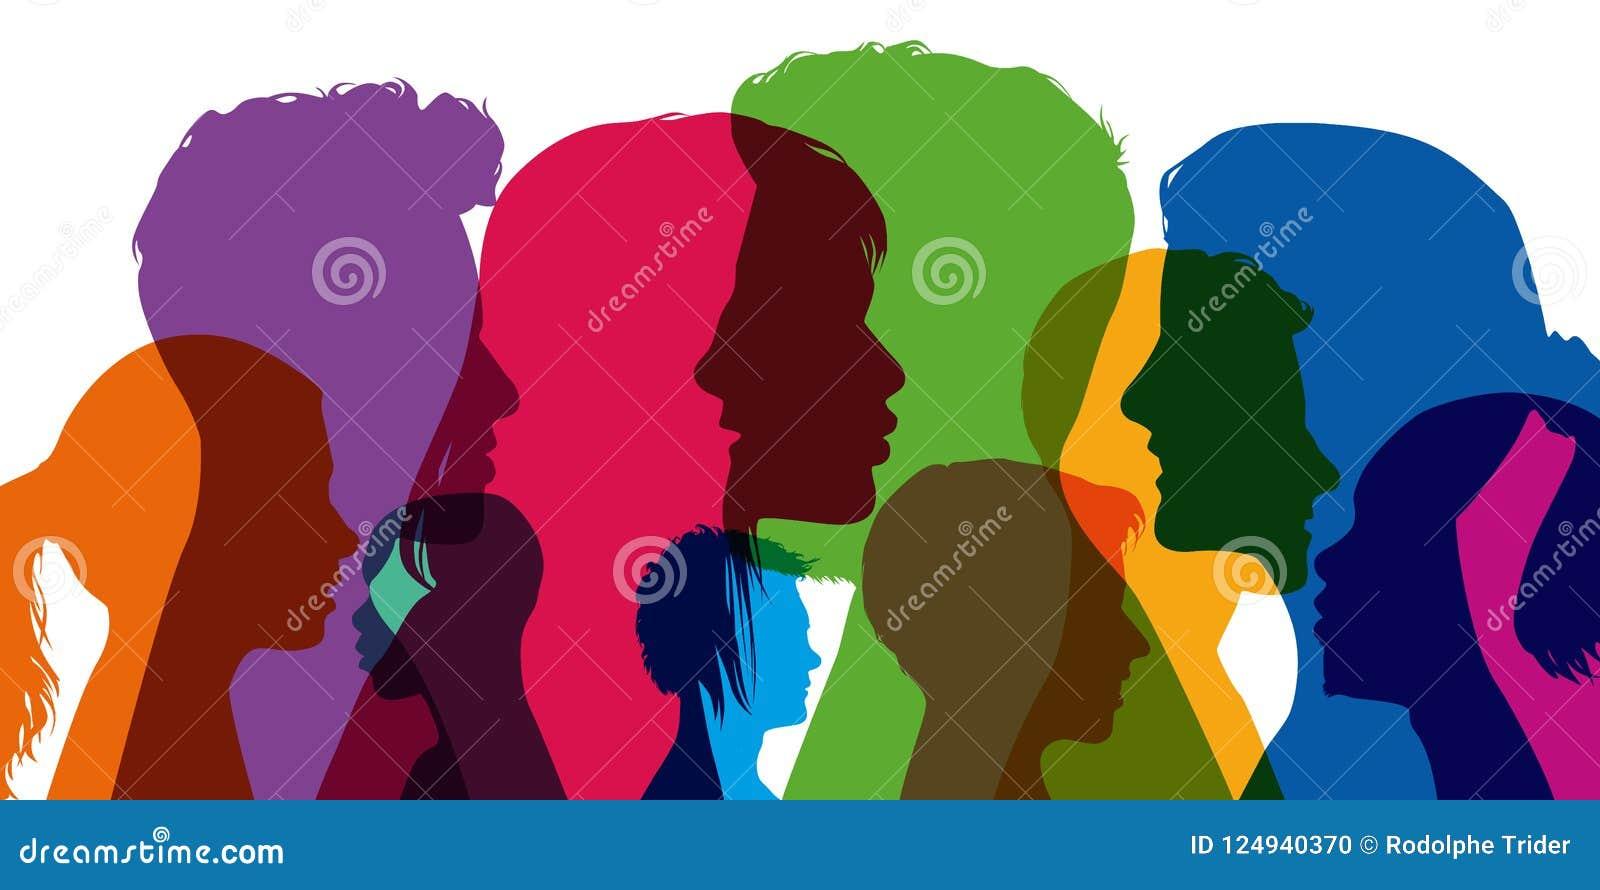 Begrepp av mångfald, med konturer i färger; uppvisning av olika profiler av unga män och kvinnor